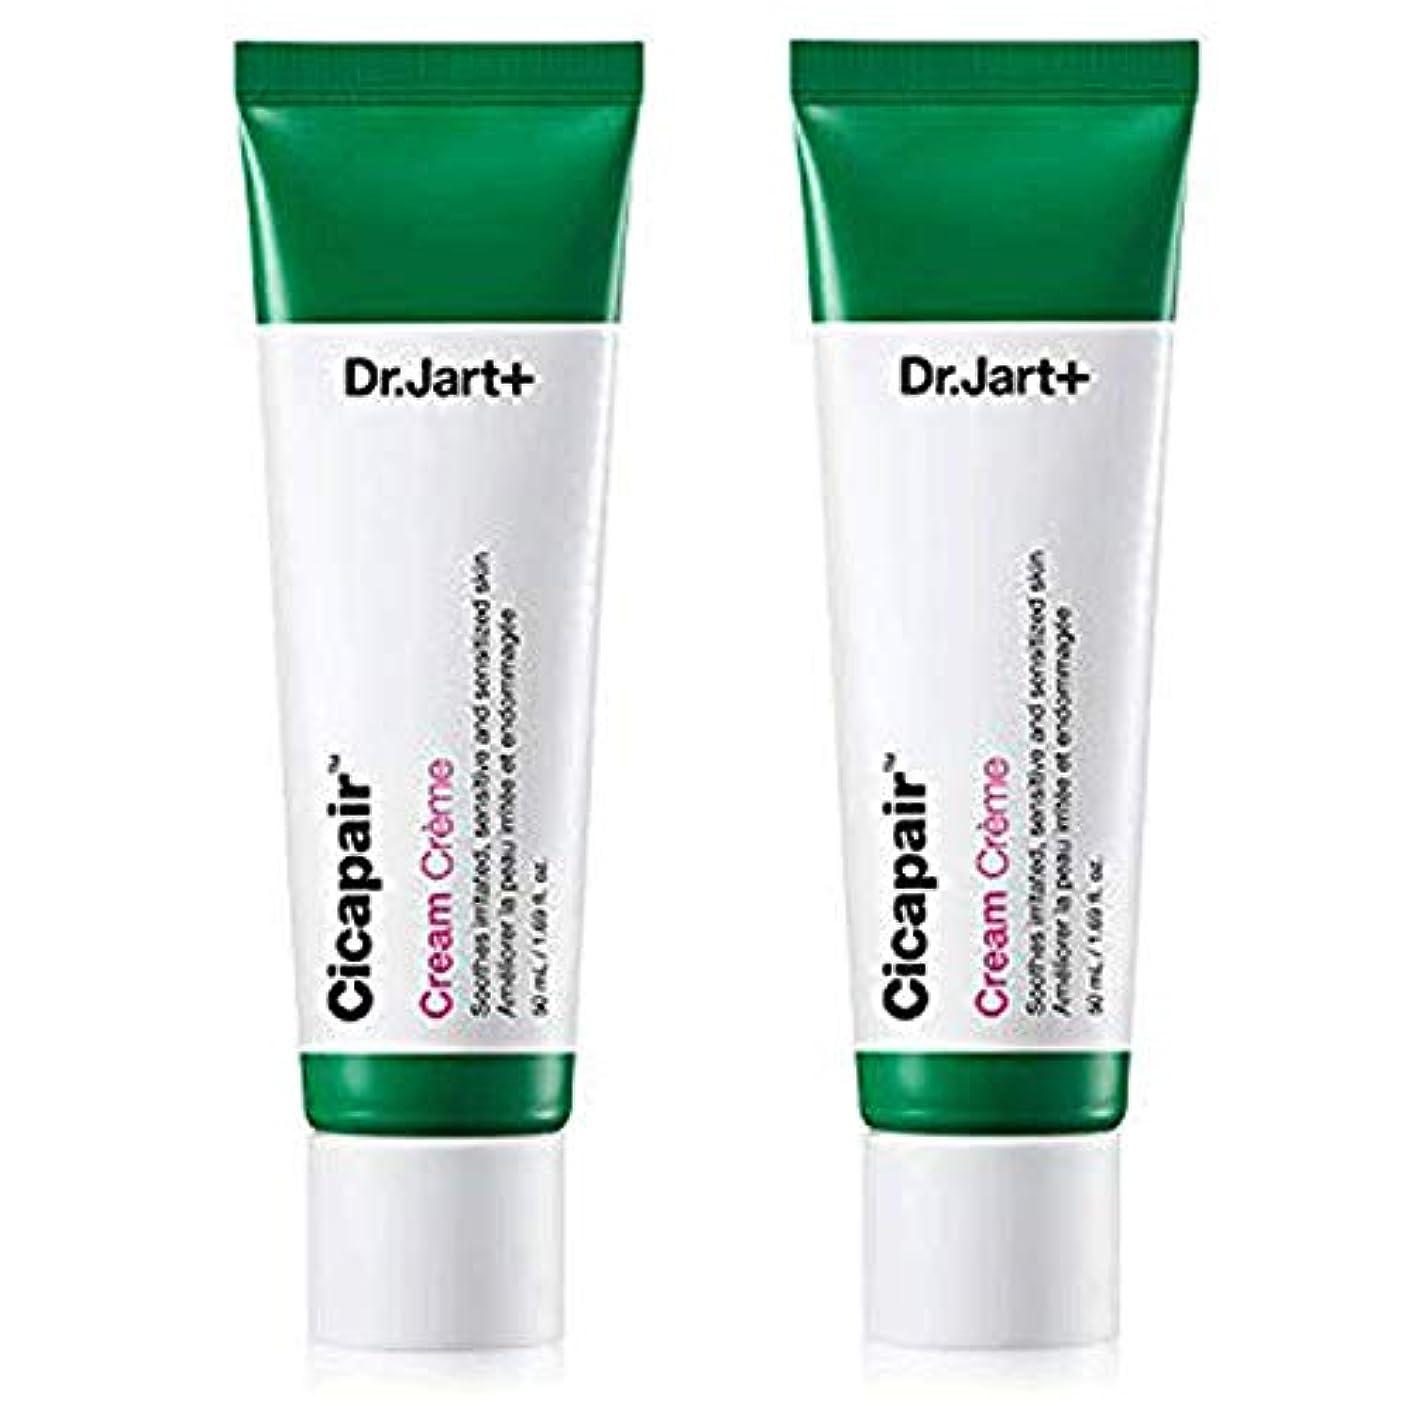 必要とする続編理論的Dr.Jart+ Cicapair Cream 50ml x 2 ドクタージャルト シカ ペア クリーム 50ml x 2(2代目) [並行輸入品]